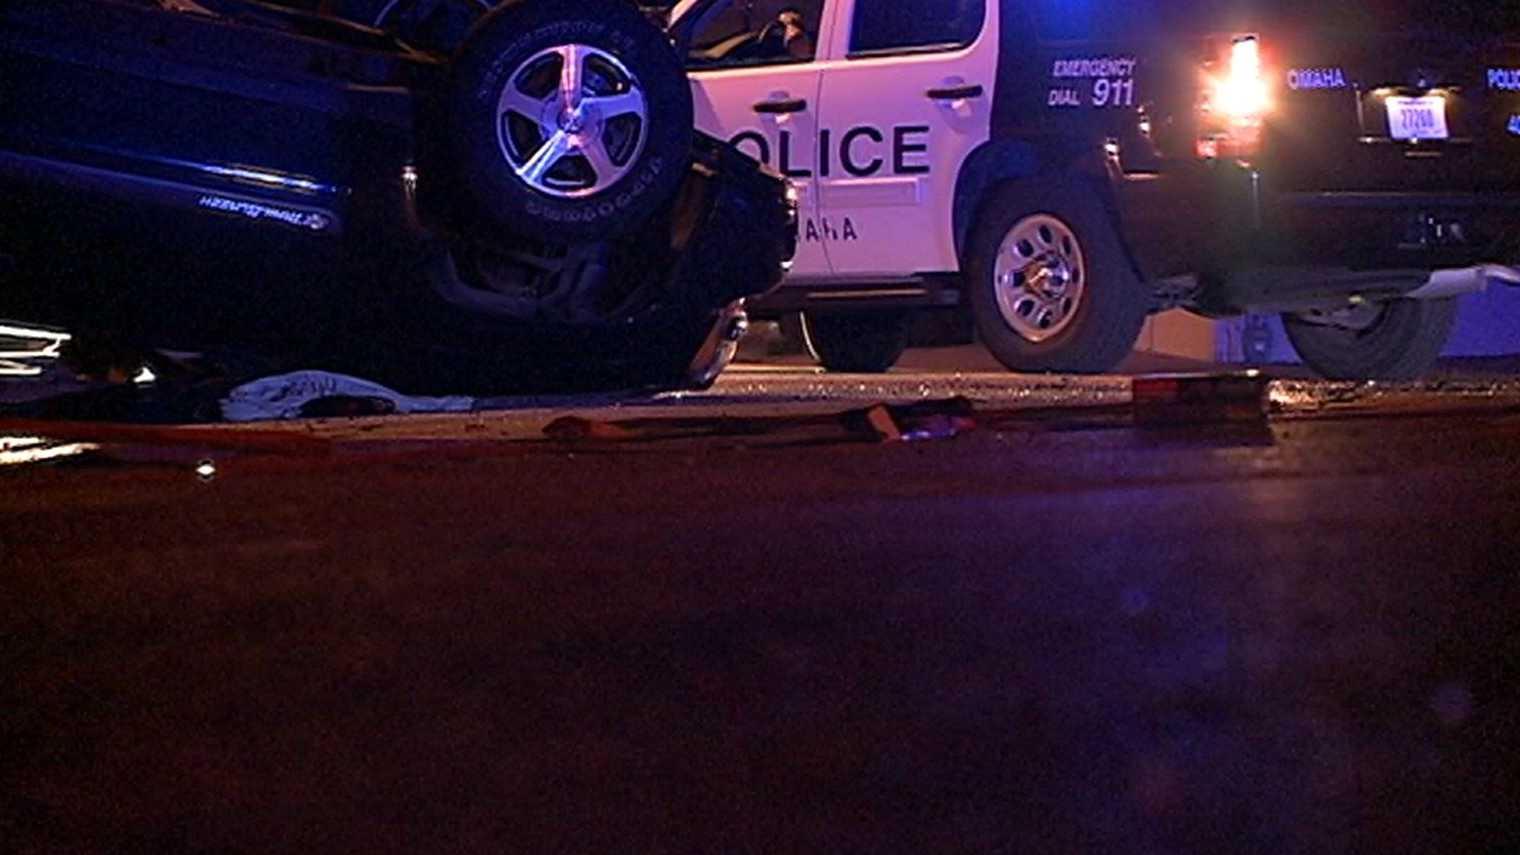 Image - rollover-crash-police-22nd.JPG